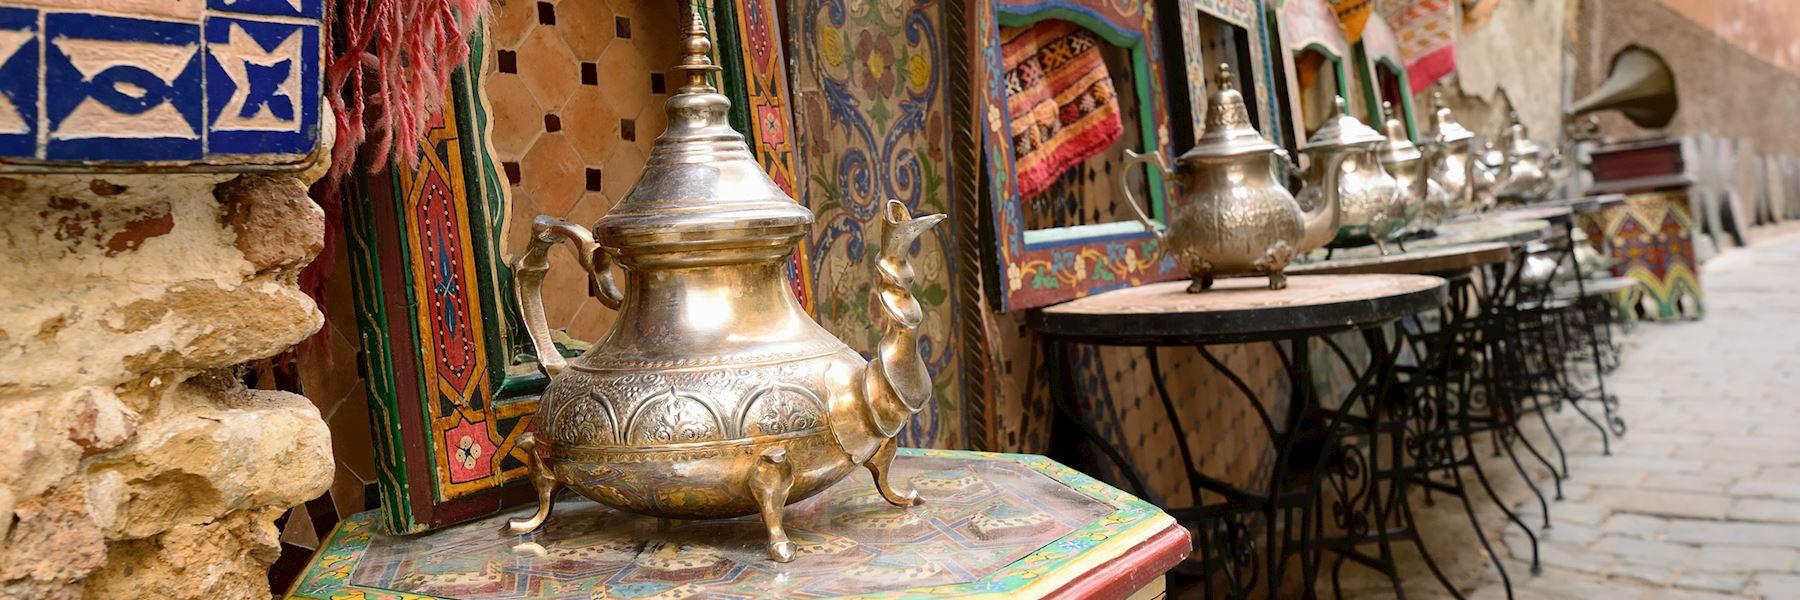 Visit Casablanca, Morocco